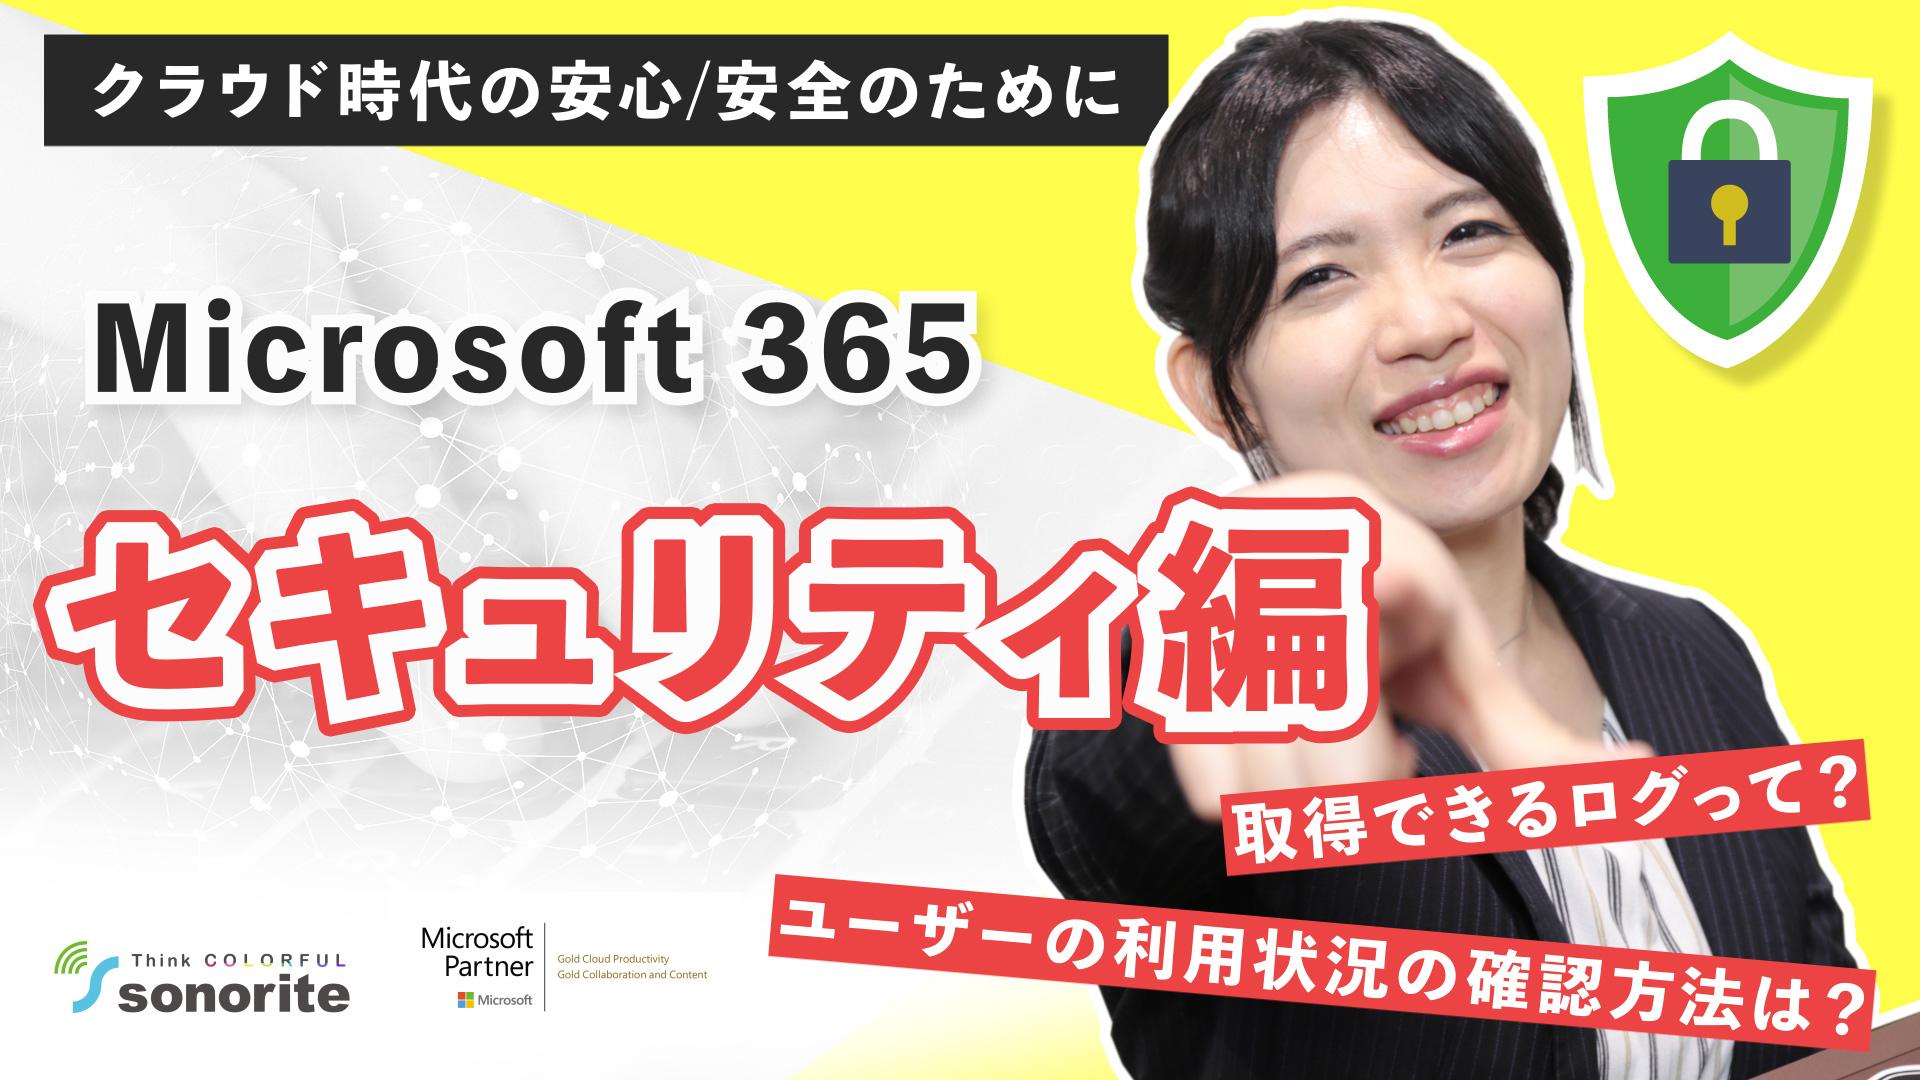 【動画】ログを活用して利用状況を可視化しよう!【Microsoft 365】